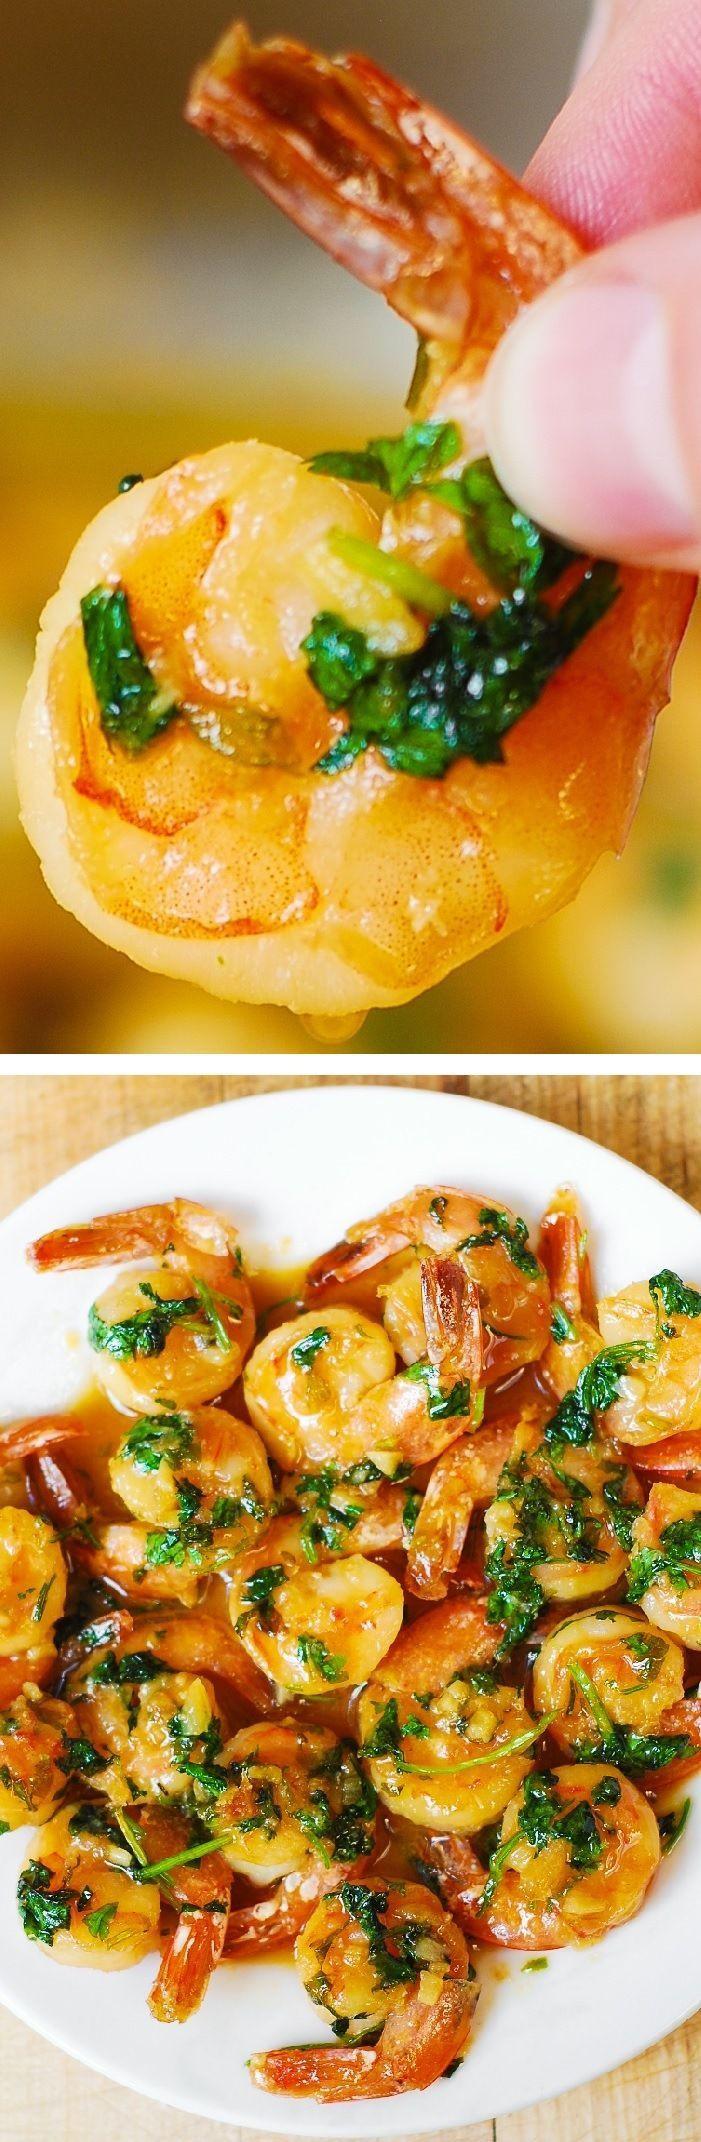 Easy Low Cholesterol Recipes  Cilantro Lime Honey Garlic Shrimp easy healthy gluten